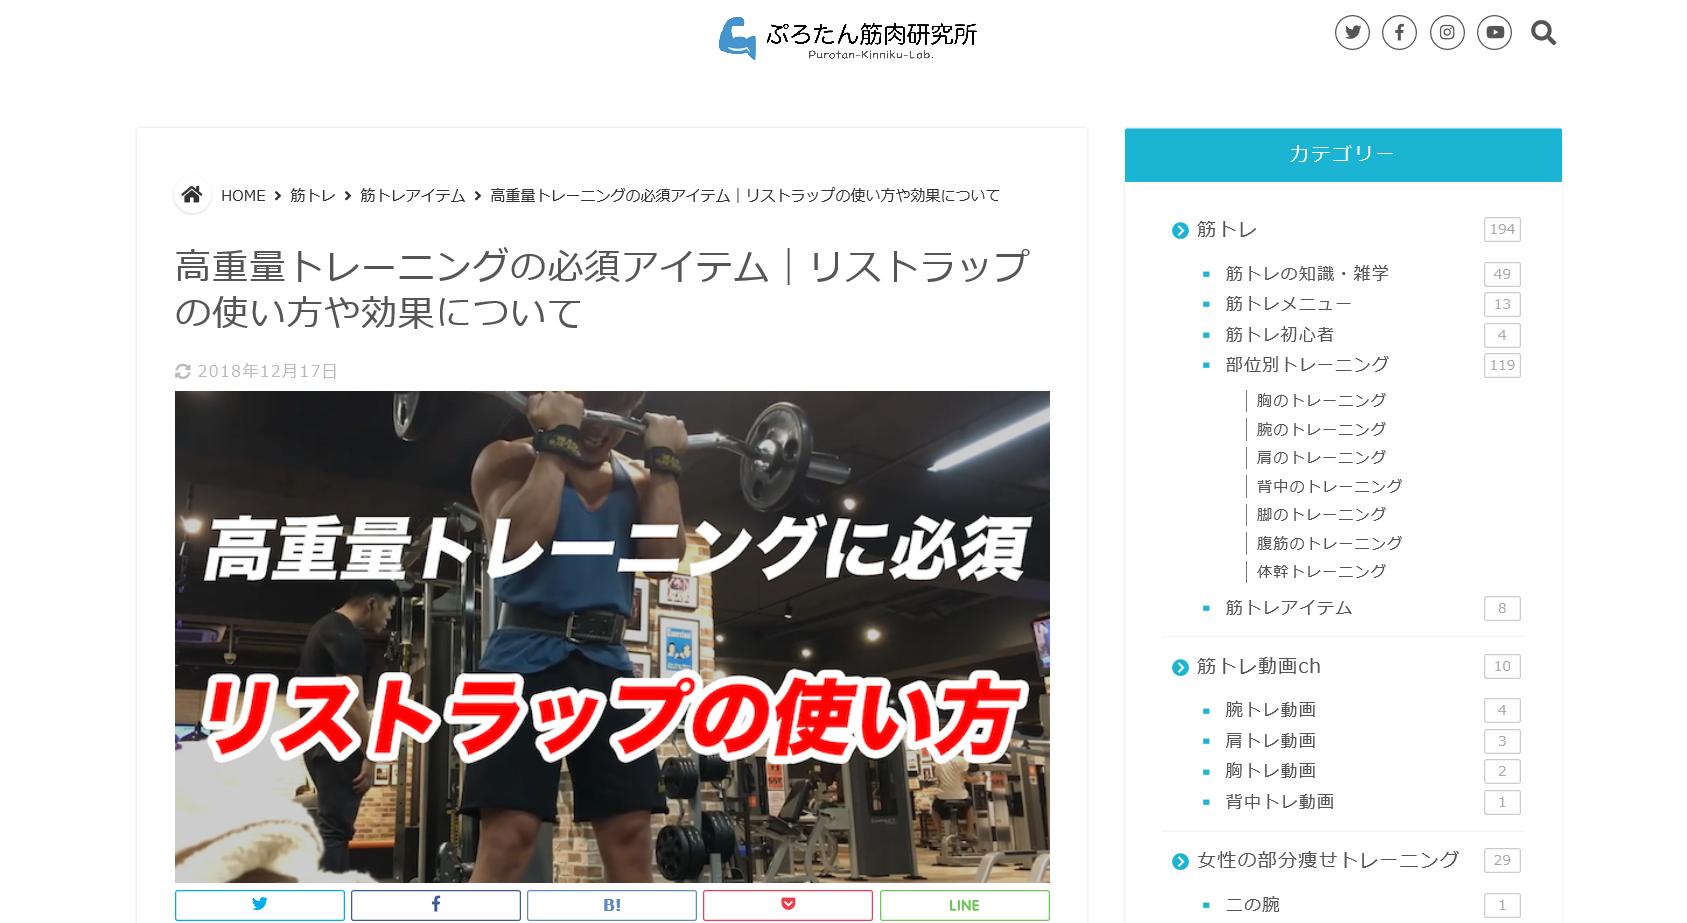 ぷろたん筋肉研究所 アスメディサポーター商品紹介のお知らせ